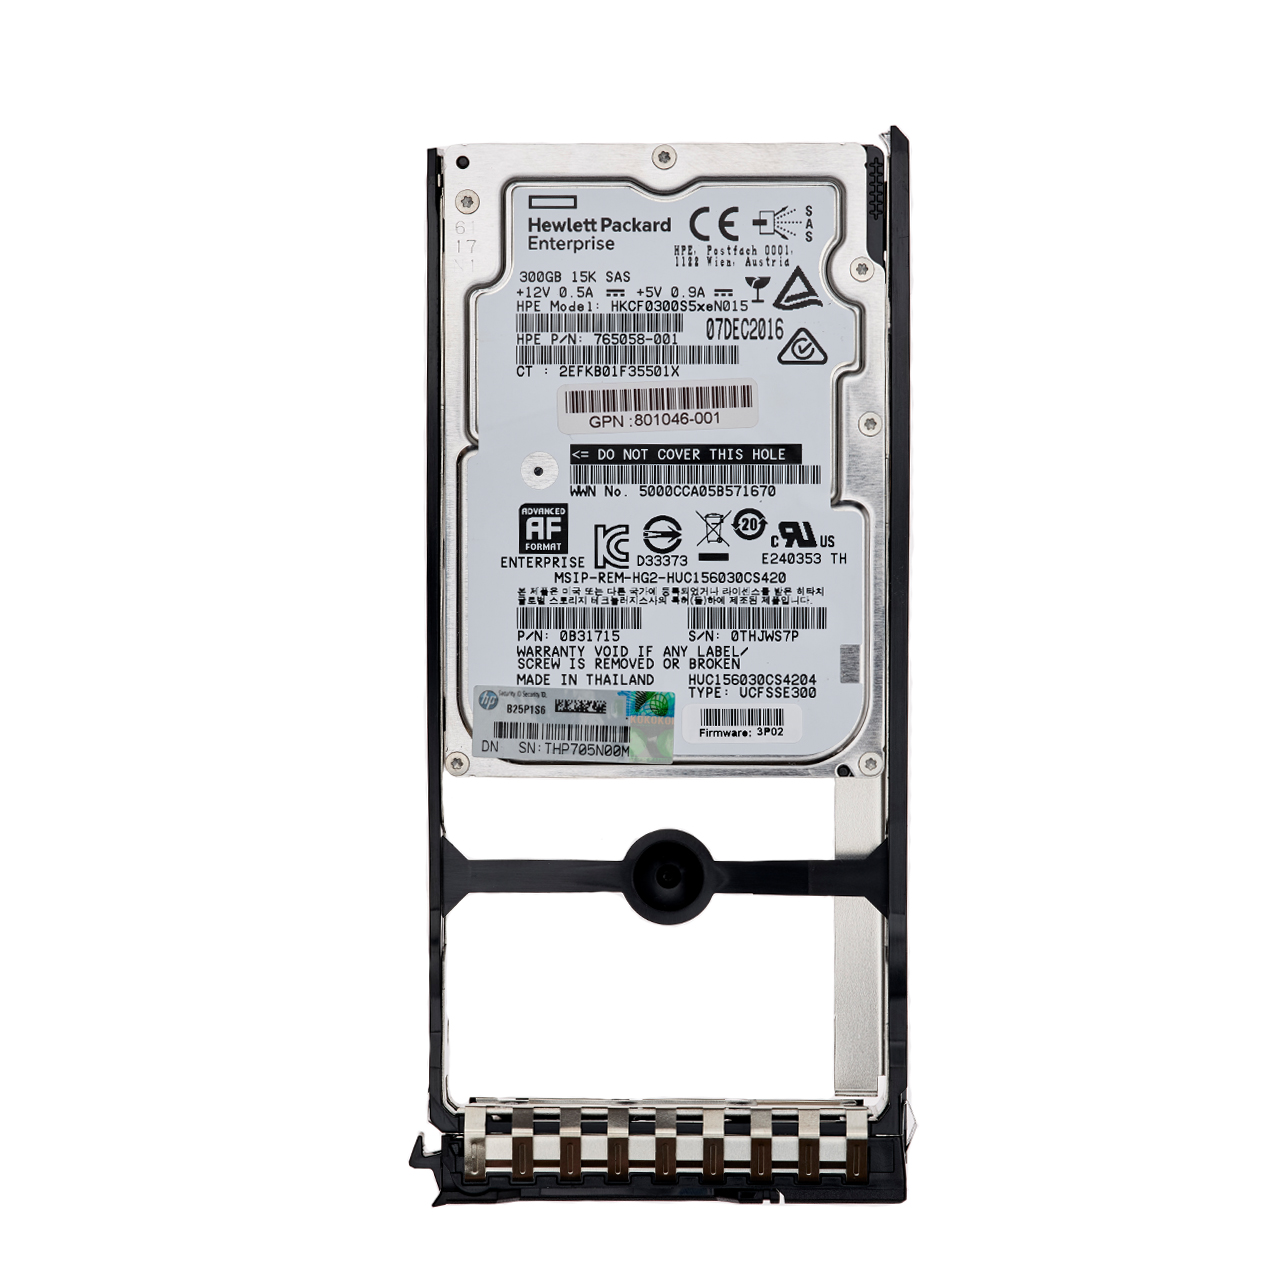 هارددیسک اینترنال اچ پی ای مدل HKCF0300S5xeN015 ظرفیت 300 گیگابایت